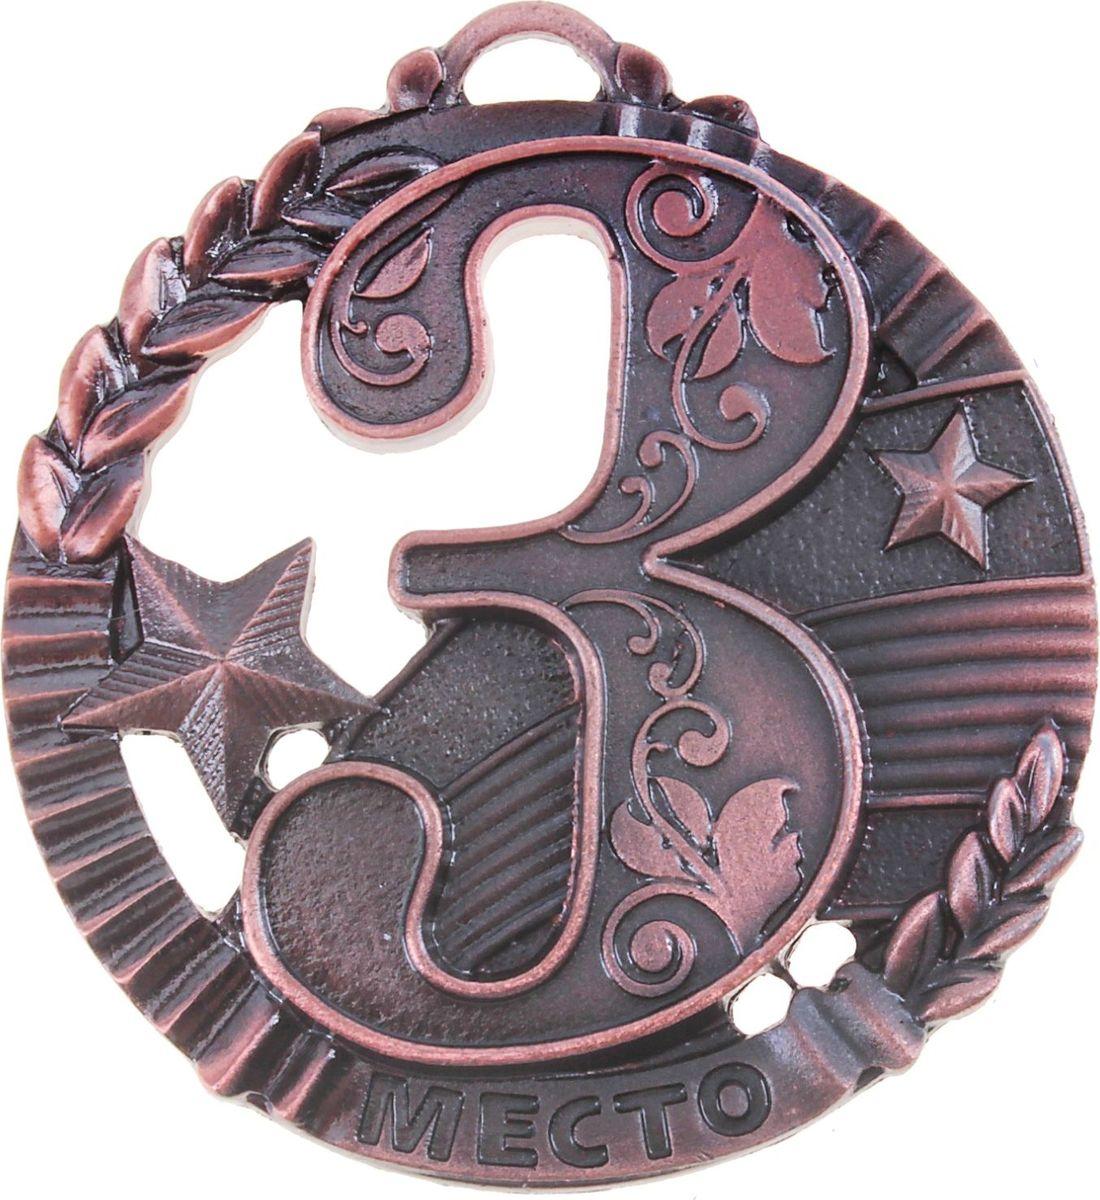 Медаль сувенирная 3 место, цвет: бронзовый, диаметр 5 см. 007653445Эта универсальная медаль с классическим дизайном подойдёт для любых соревнований. вы сможете дополнить её персональной гравировкой или корпоративной символикой.Если необходимо подчеркнуть важность домашнего или корпоративного спортивного мероприятия, то оригинальным и запоминающимся итогом соревнований будет вручение медалей участникам и победителям. Диаметр медали: 5 см. Сверху расположено отверстие для крепления ленты.